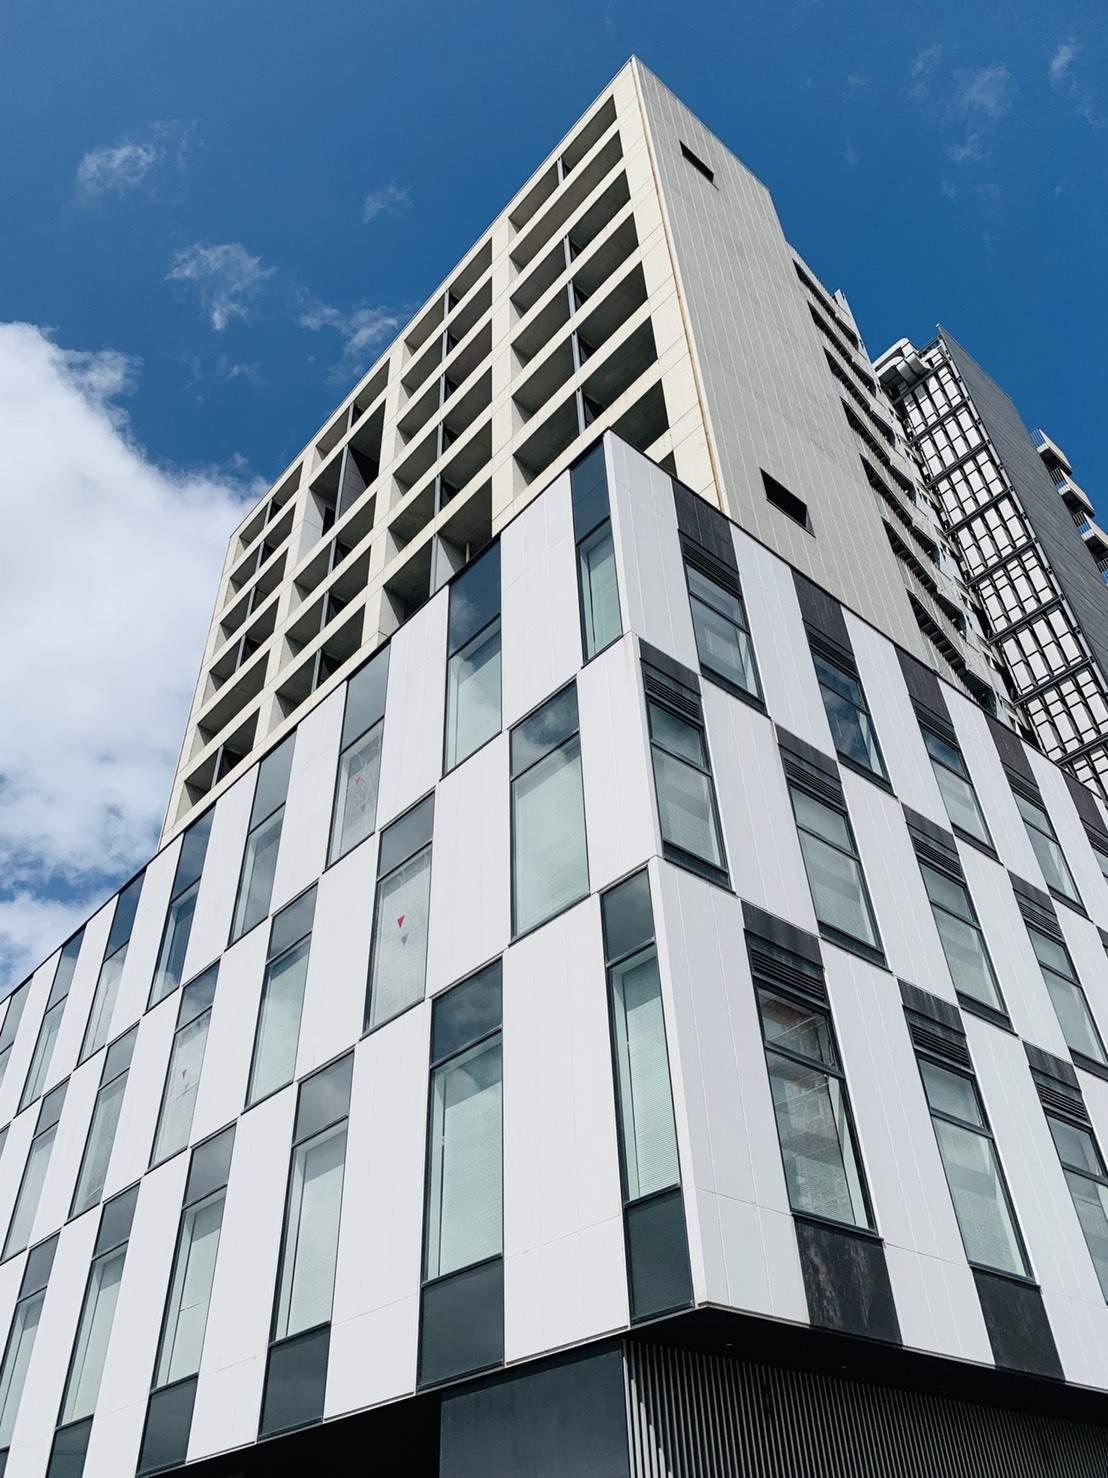 千葉県千葉市中央区、千葉みなと駅徒歩3分の築9年 13階建の賃貸マンション